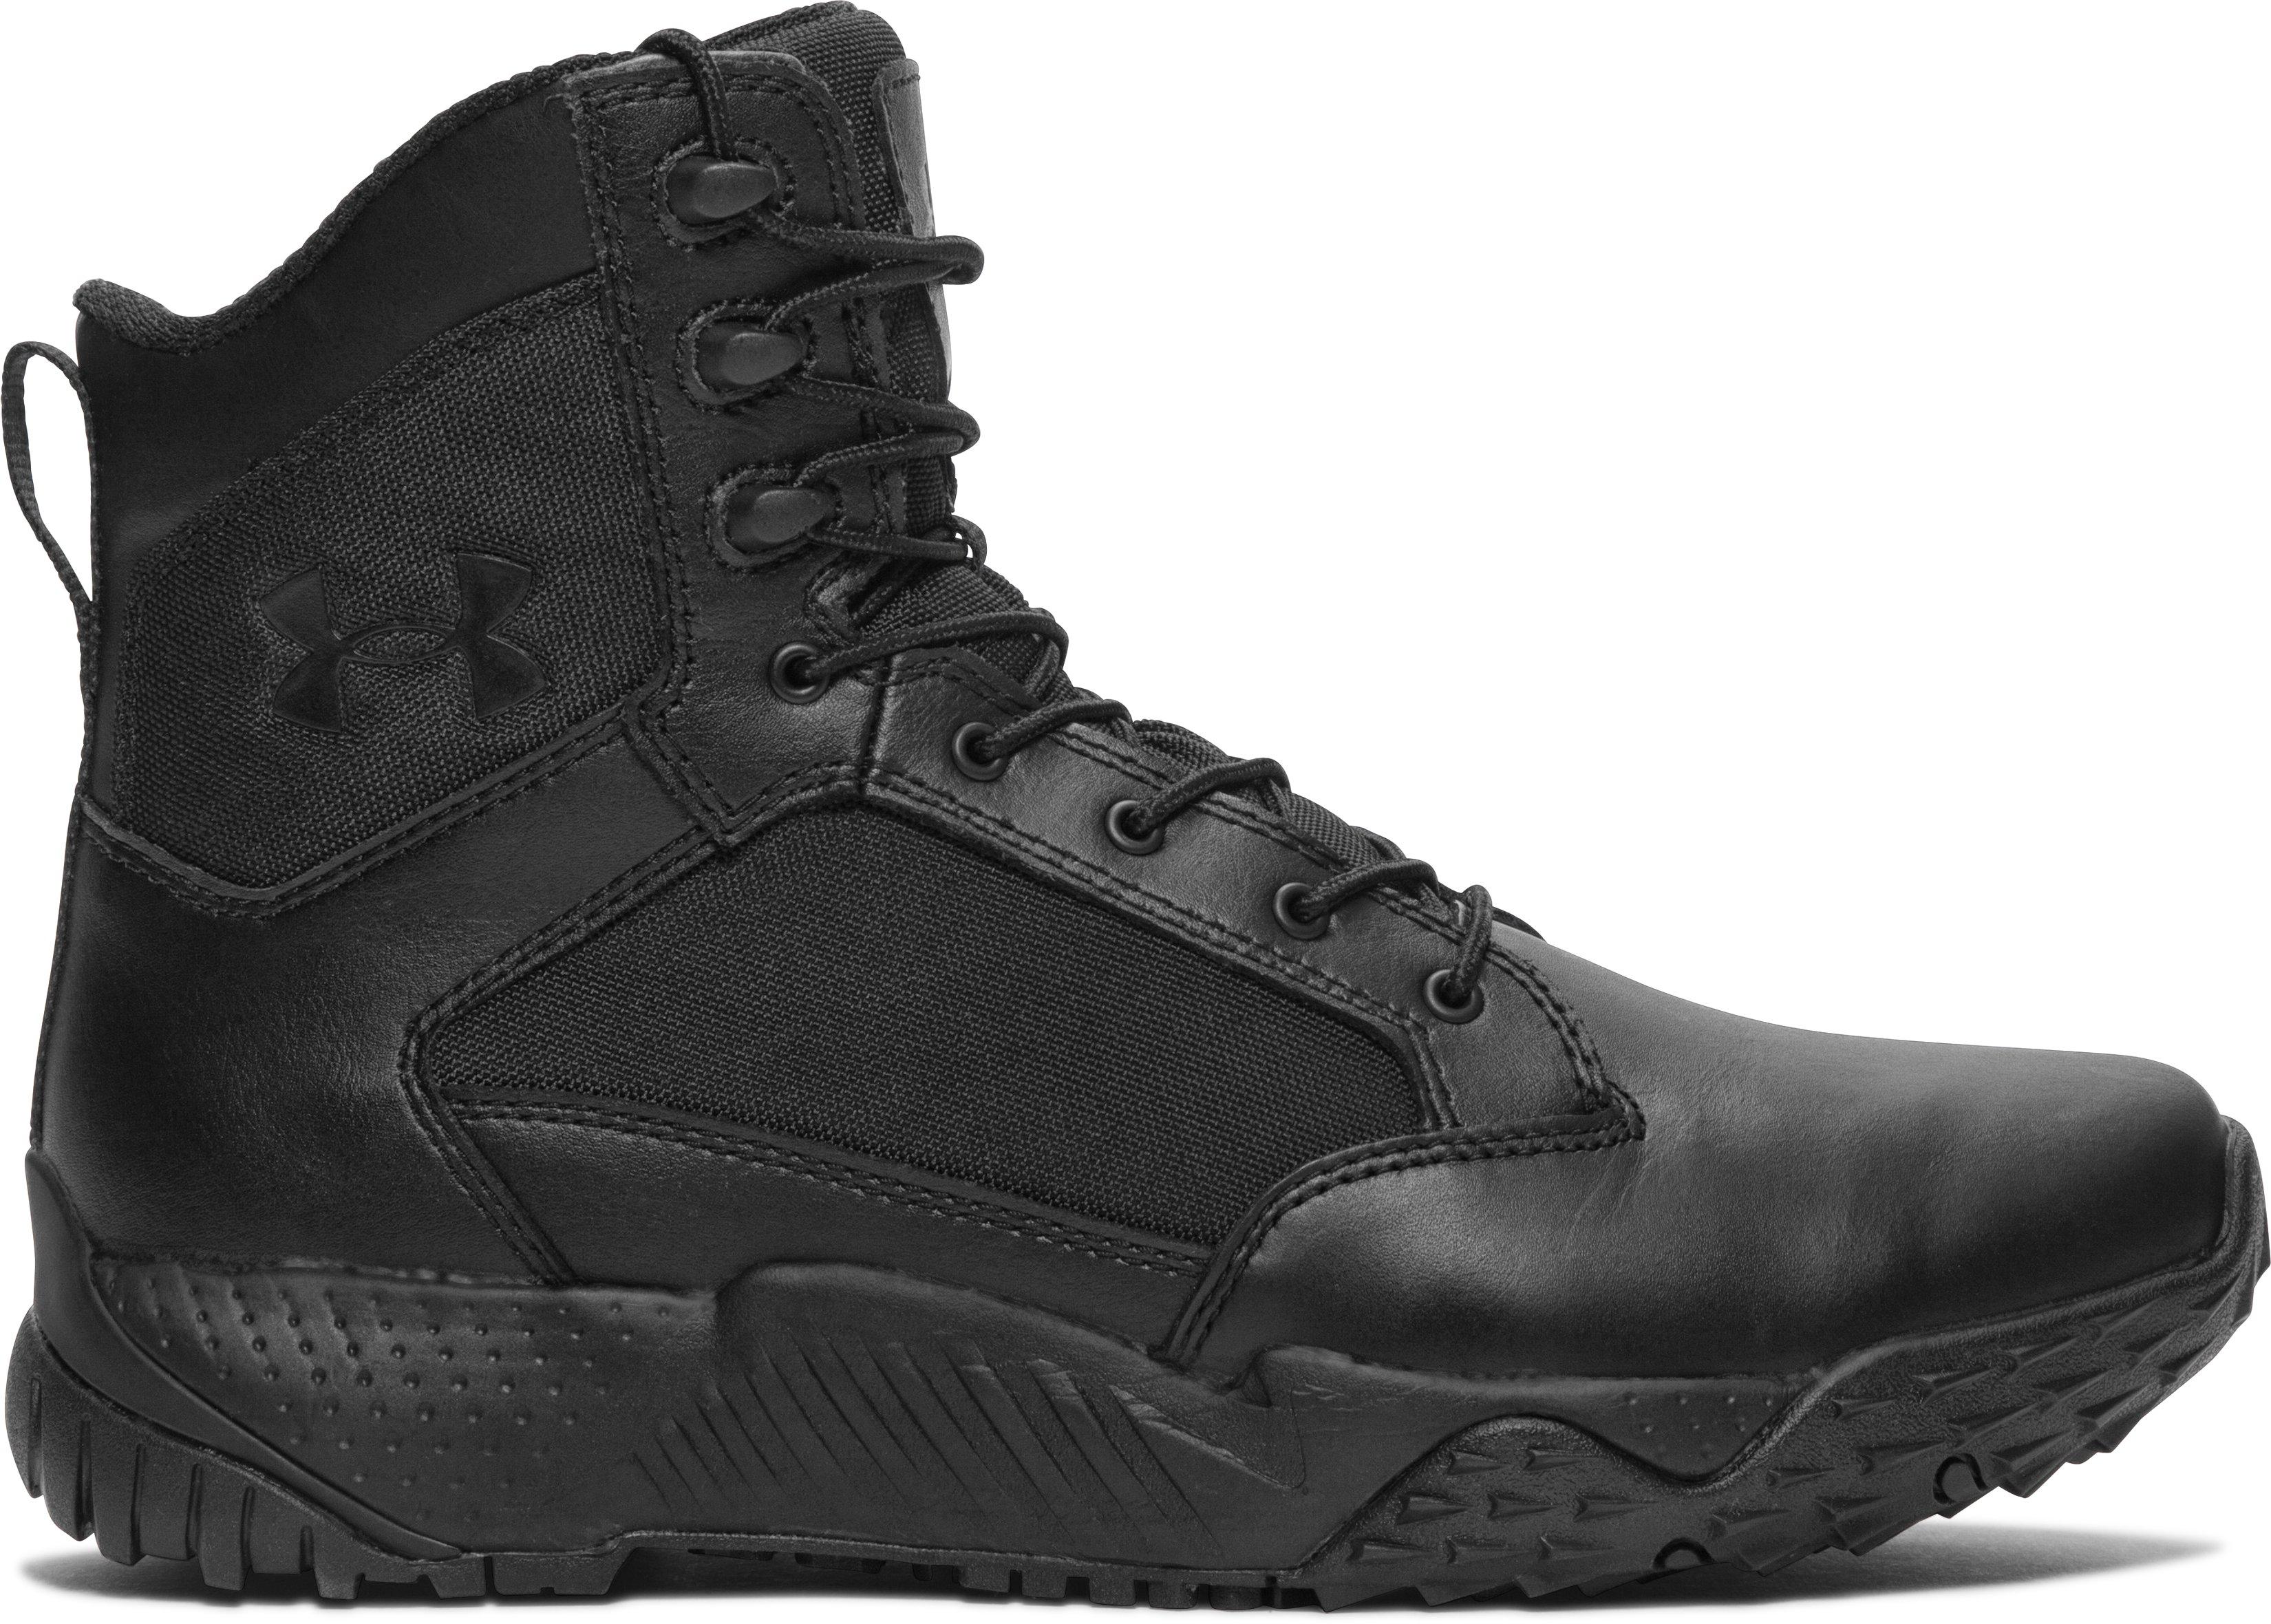 Sepatu Boot UA Stellar Tactical untuk Pria, 360 degree view